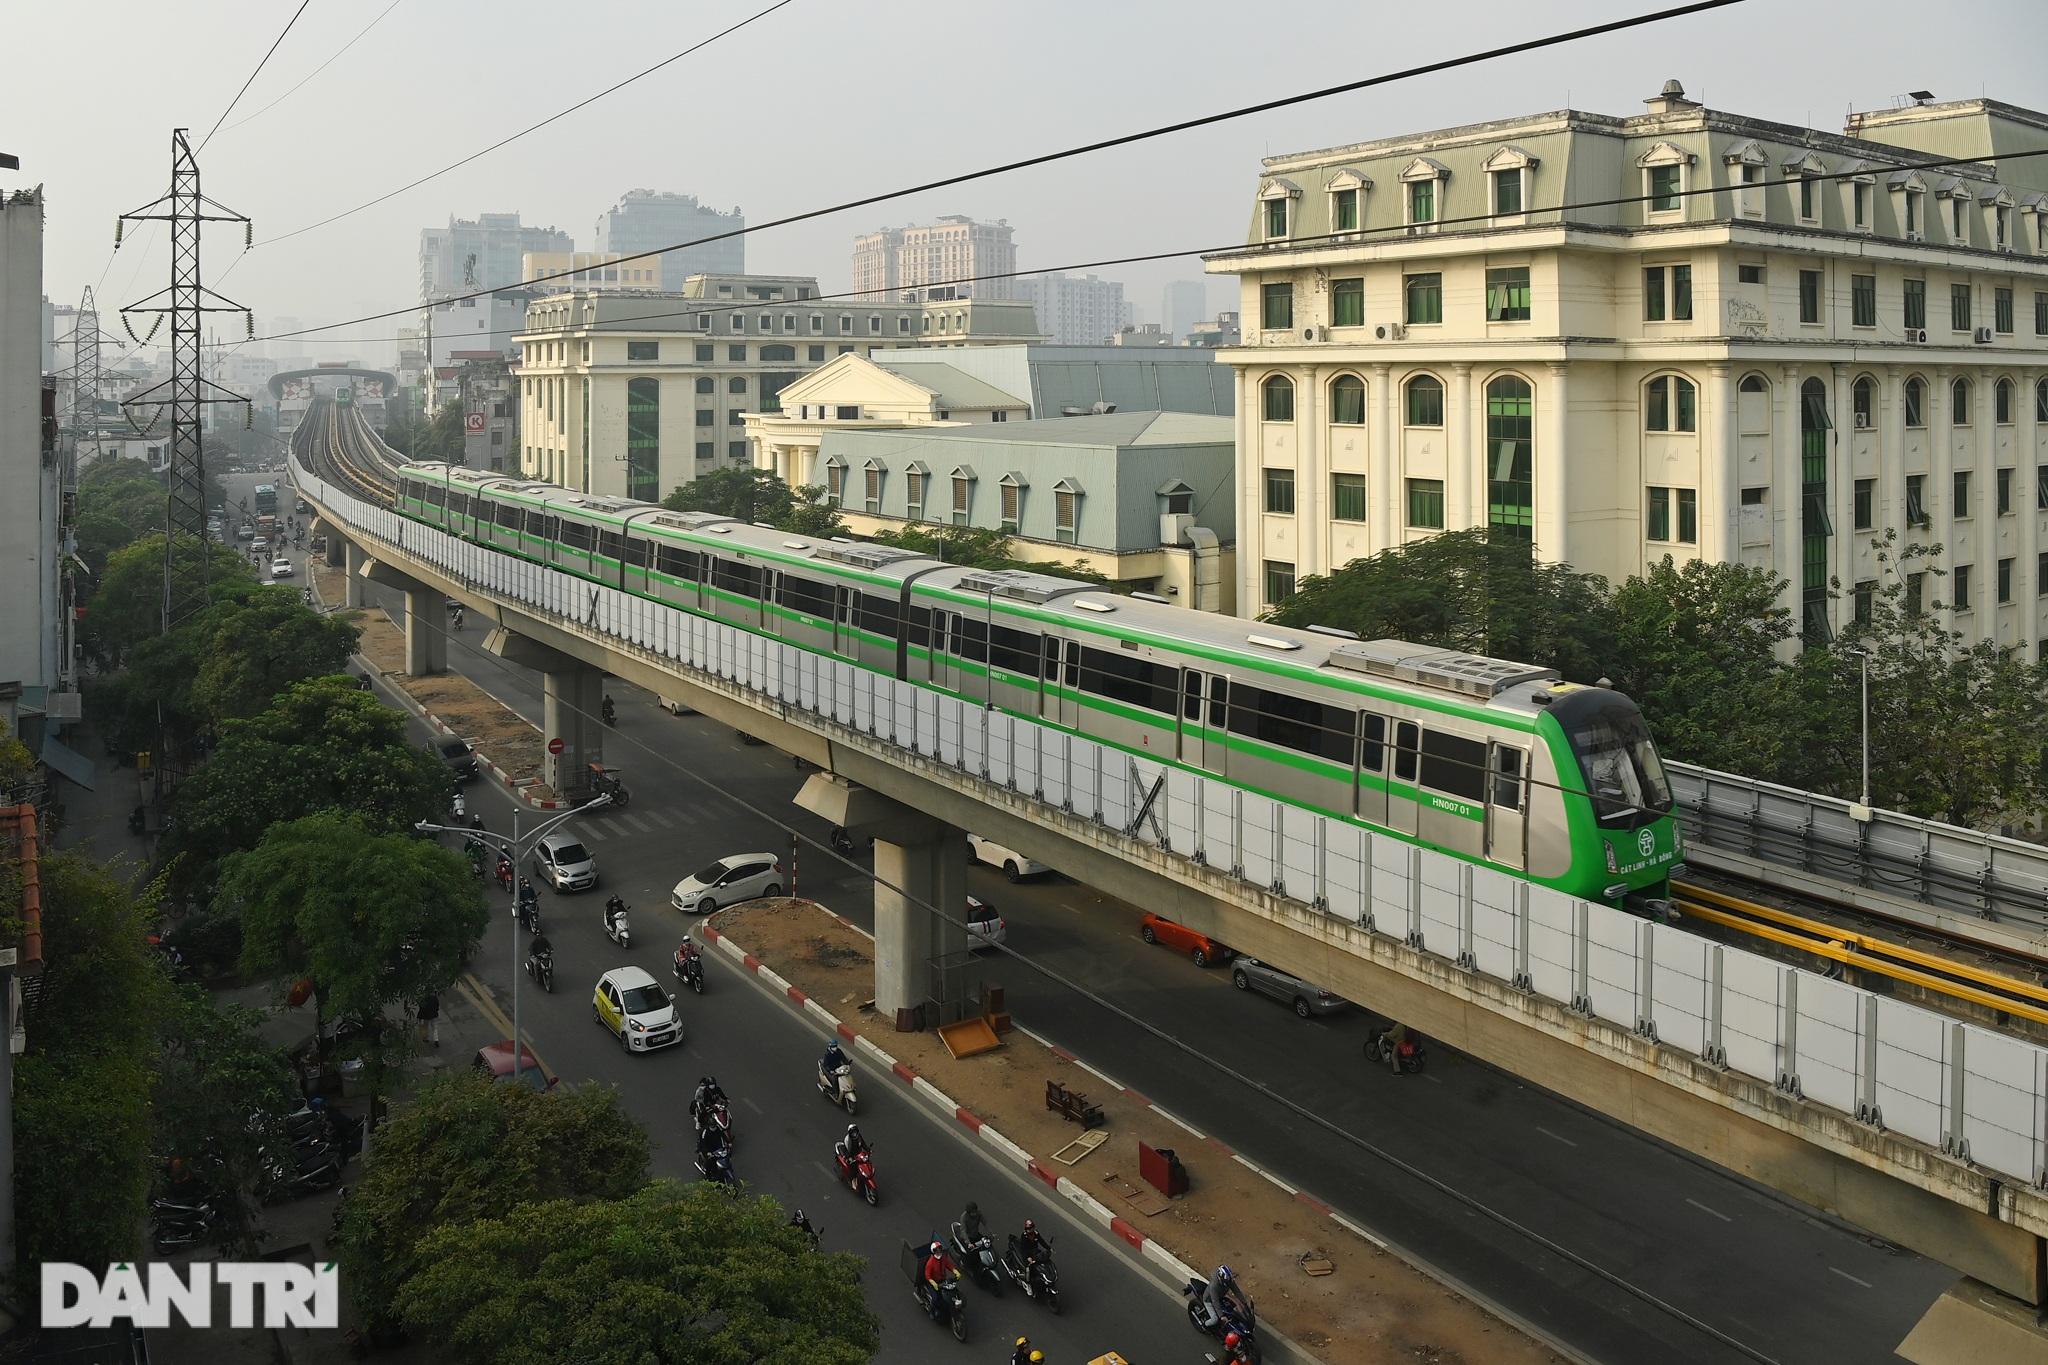 Toàn cảnh 9 đoàn tàu đường sắt Cát Linh - Hà Đông băng băng qua các nhà ga - 20